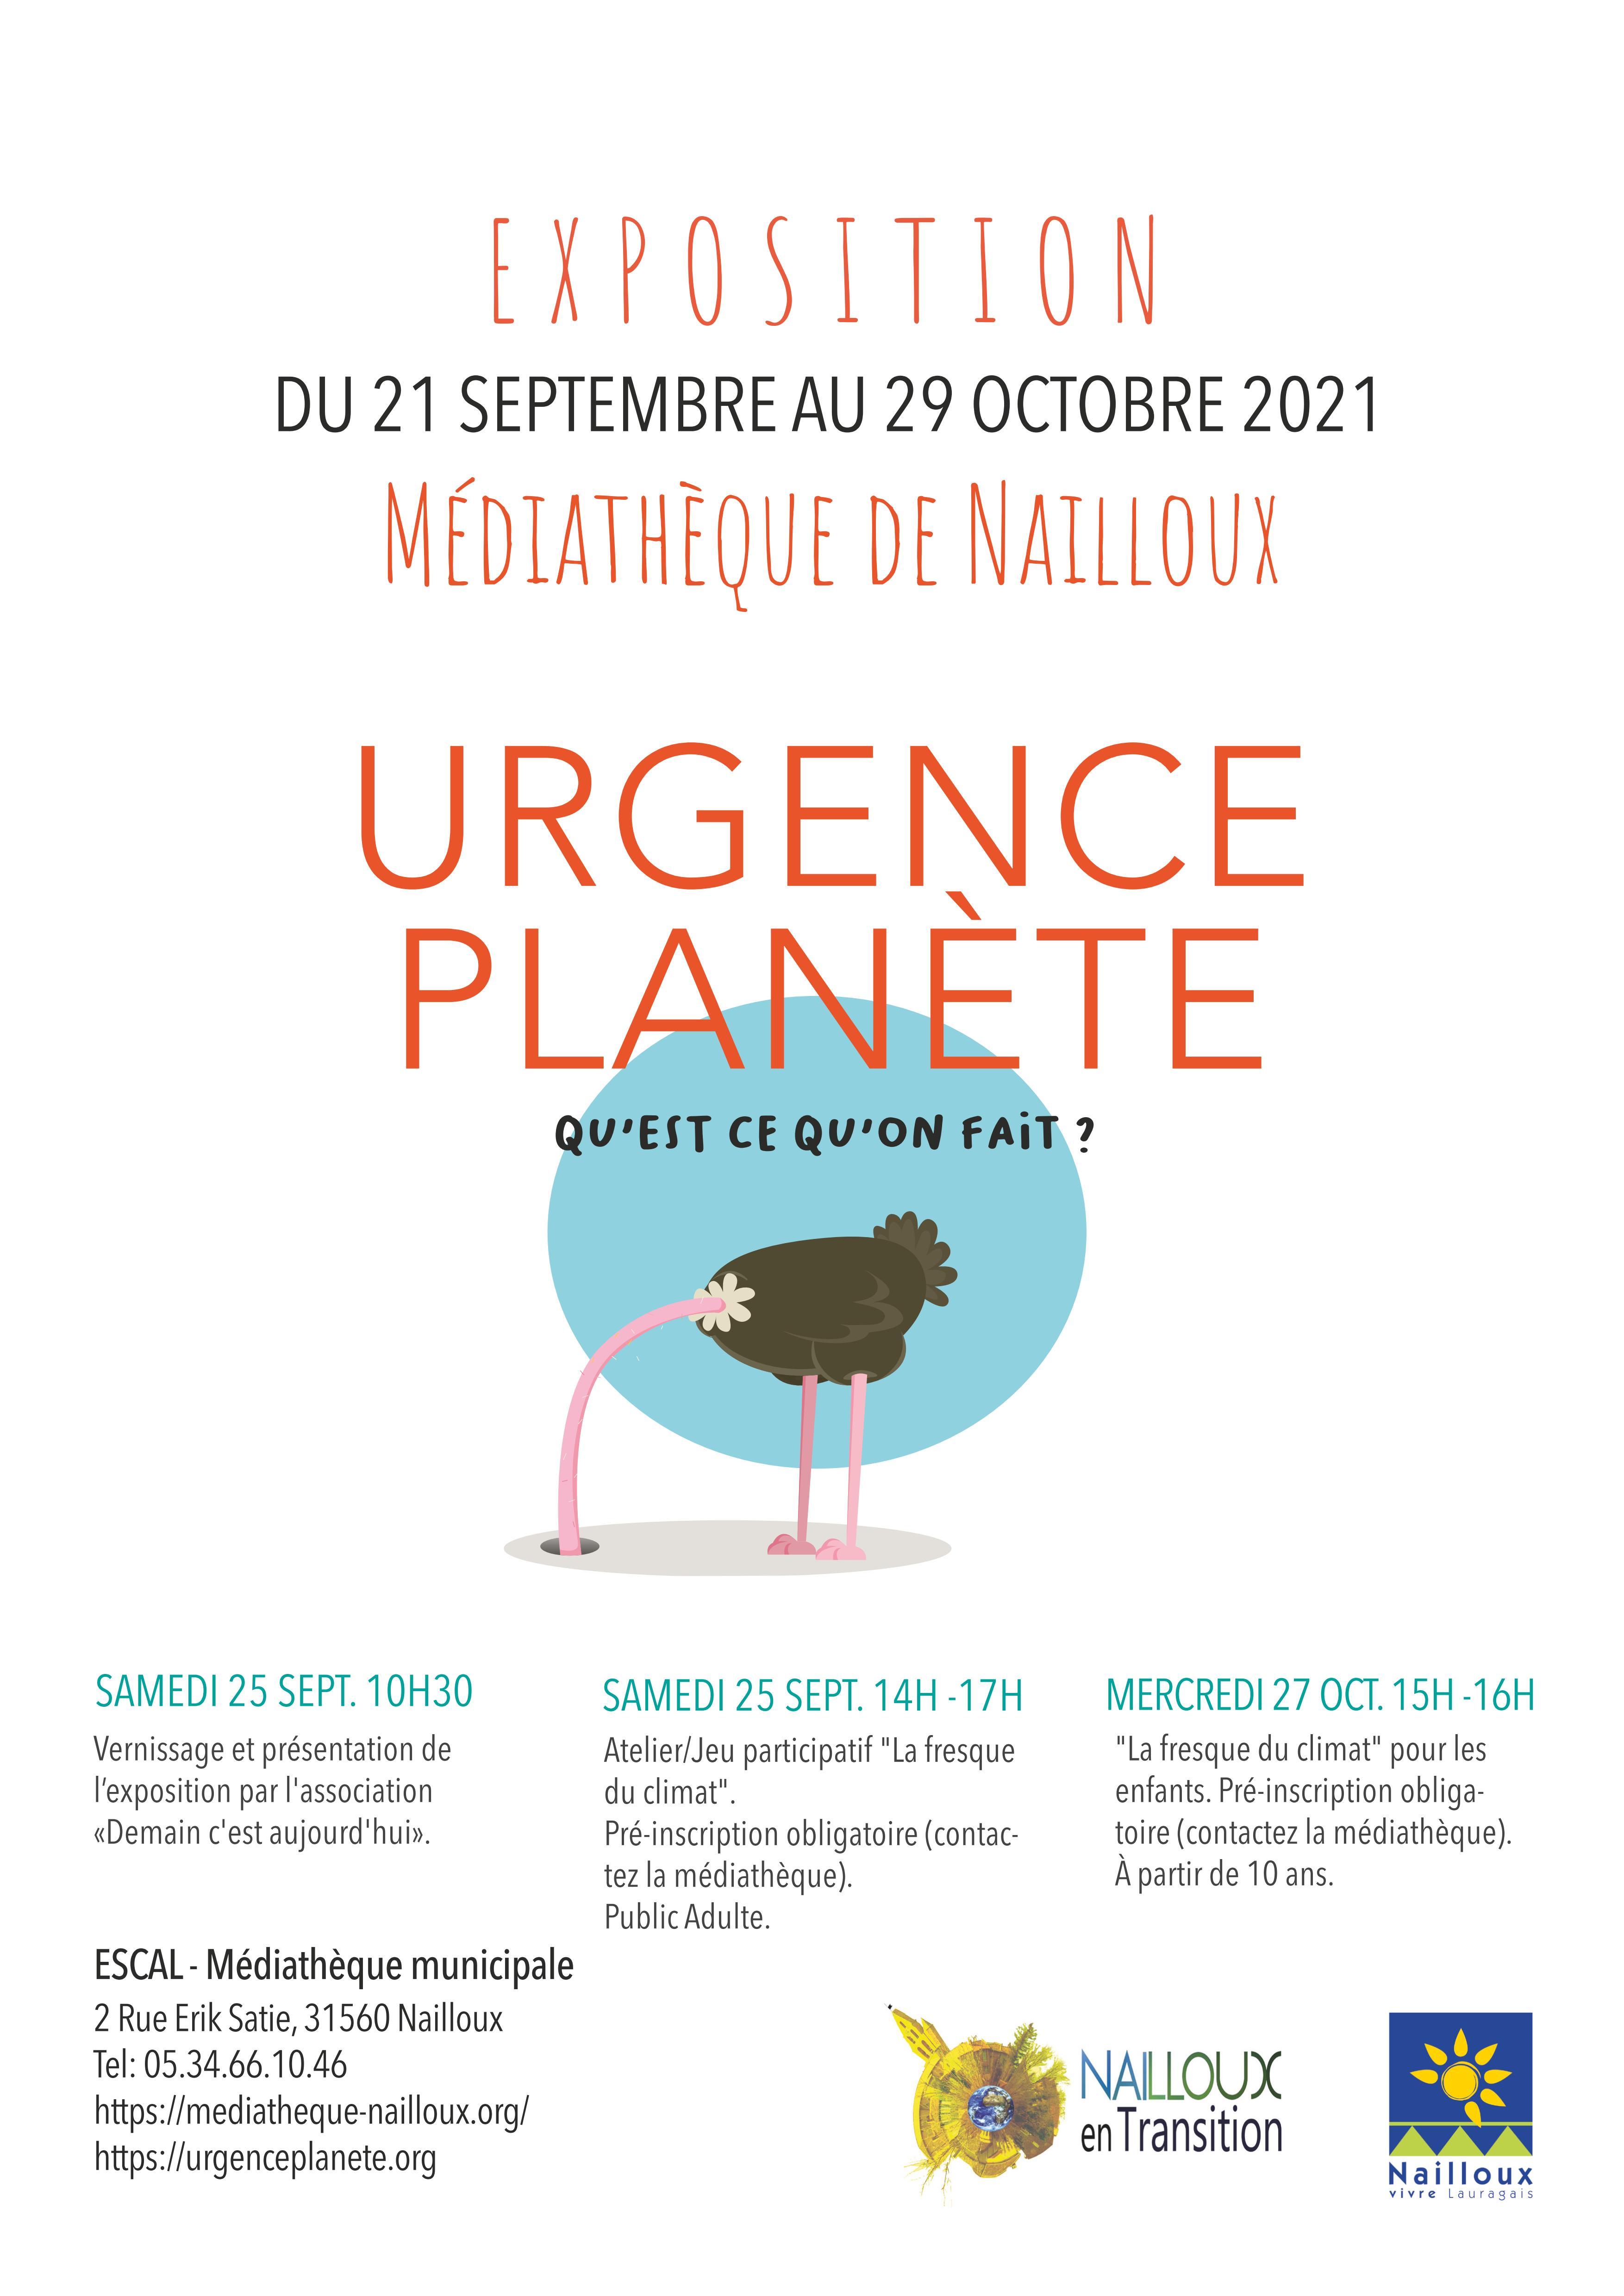 Urgence planète - Une expo sur l'urgence écologique